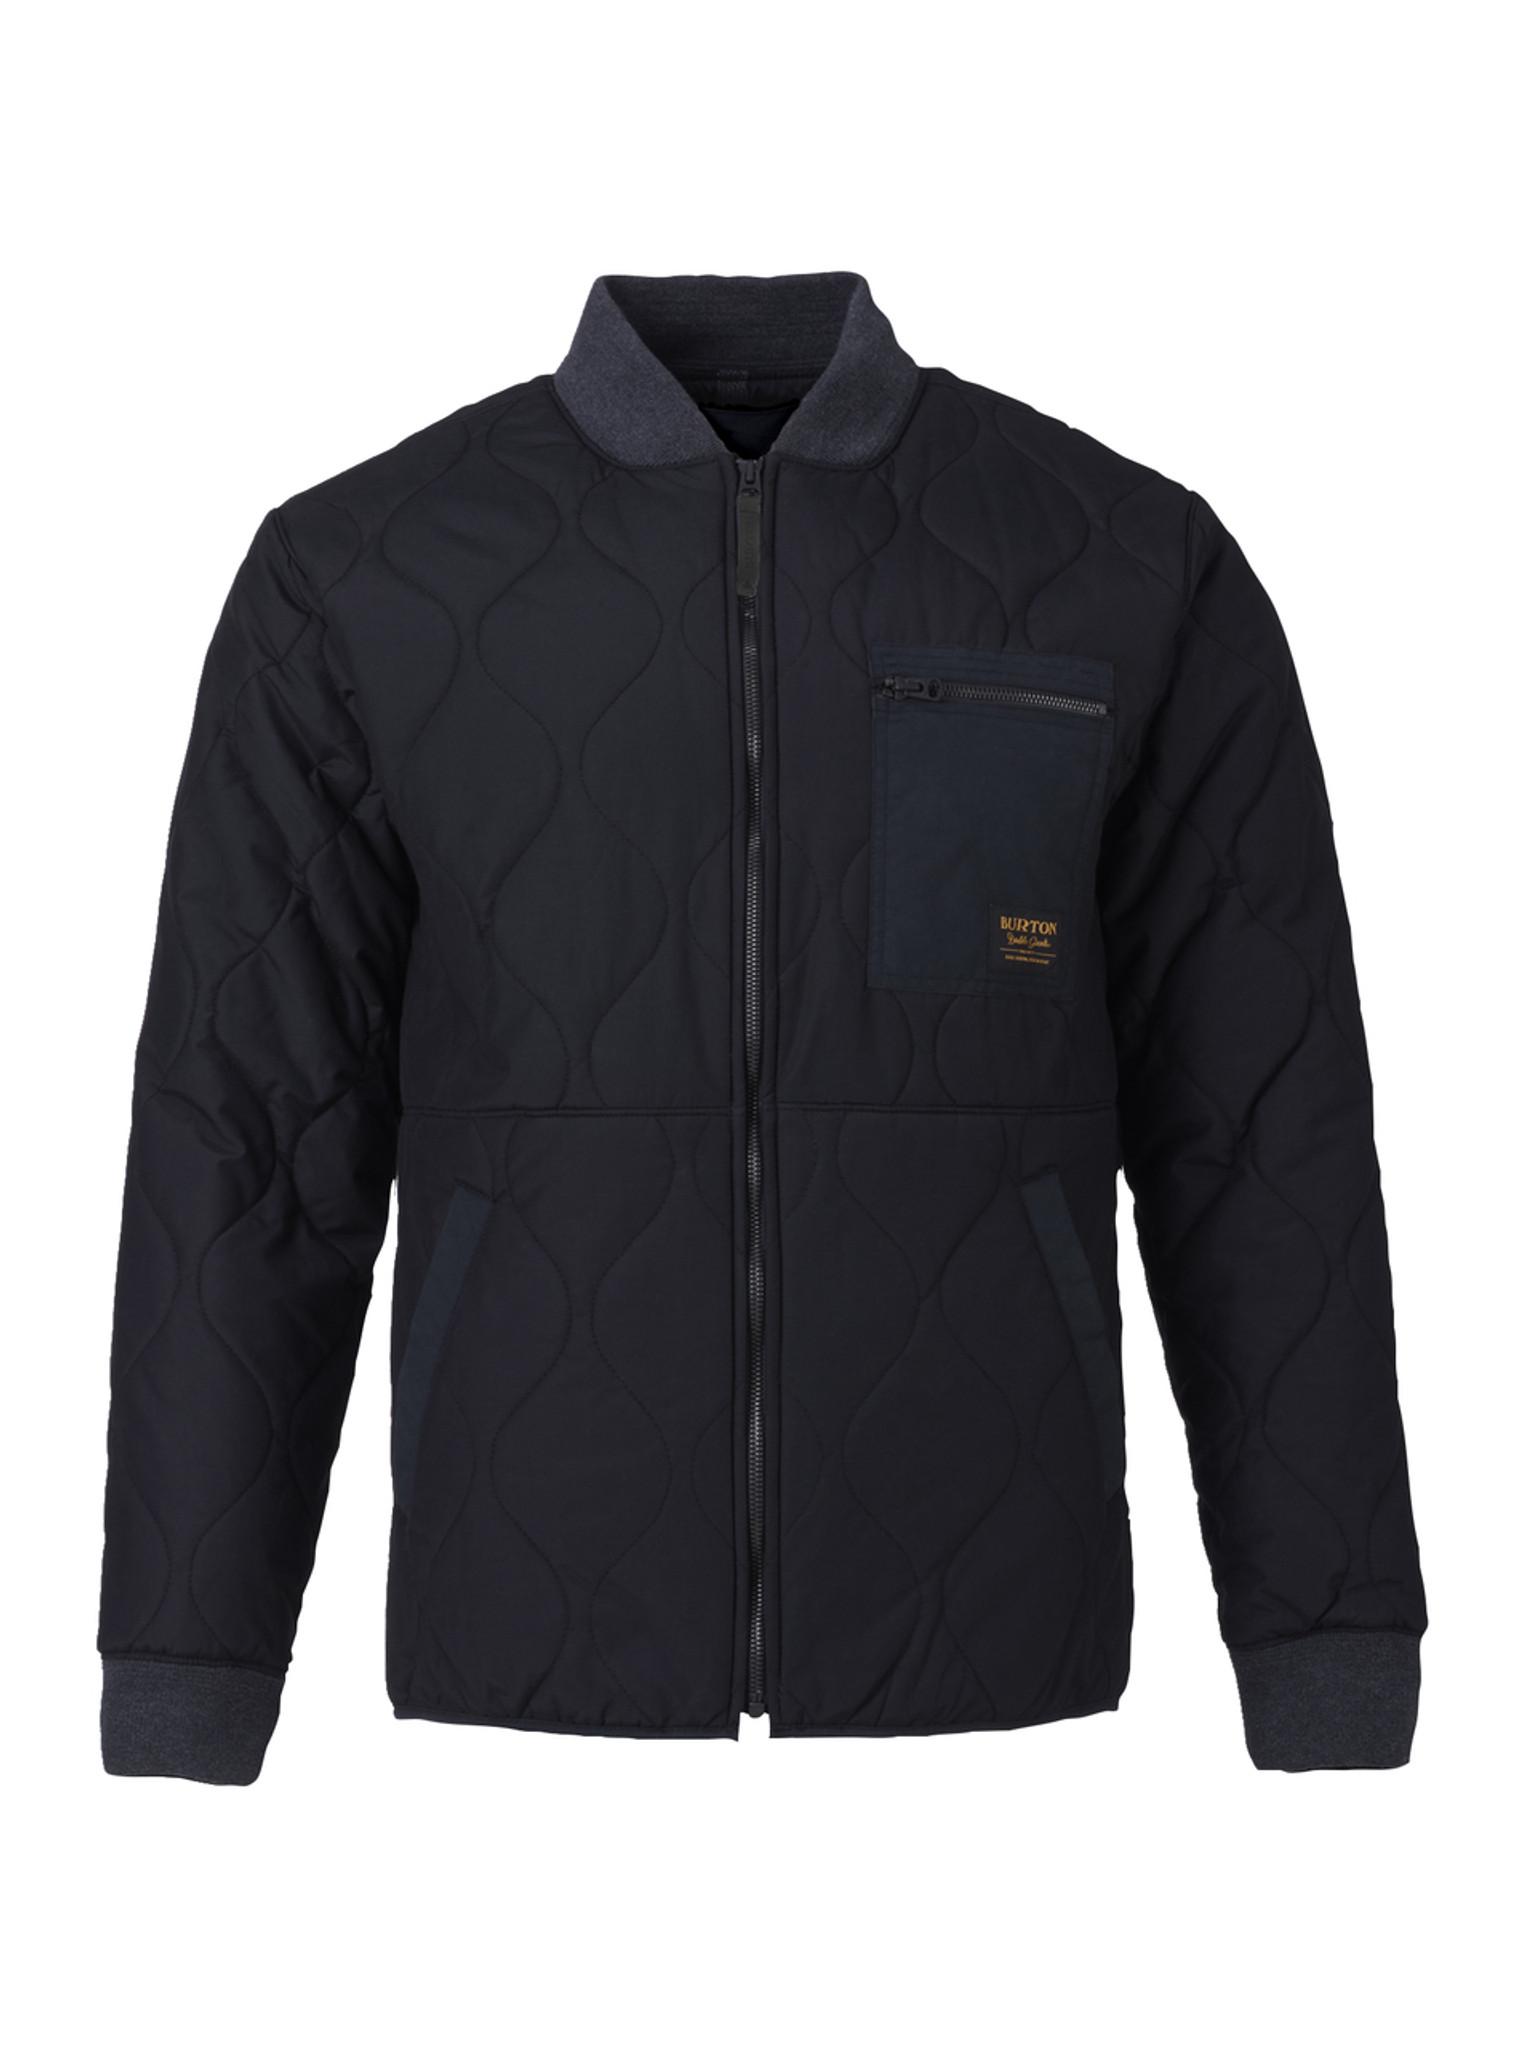 ebb67147cead Men s Burton Mallett Bomber Jacket True Black Snowboarding Clothing